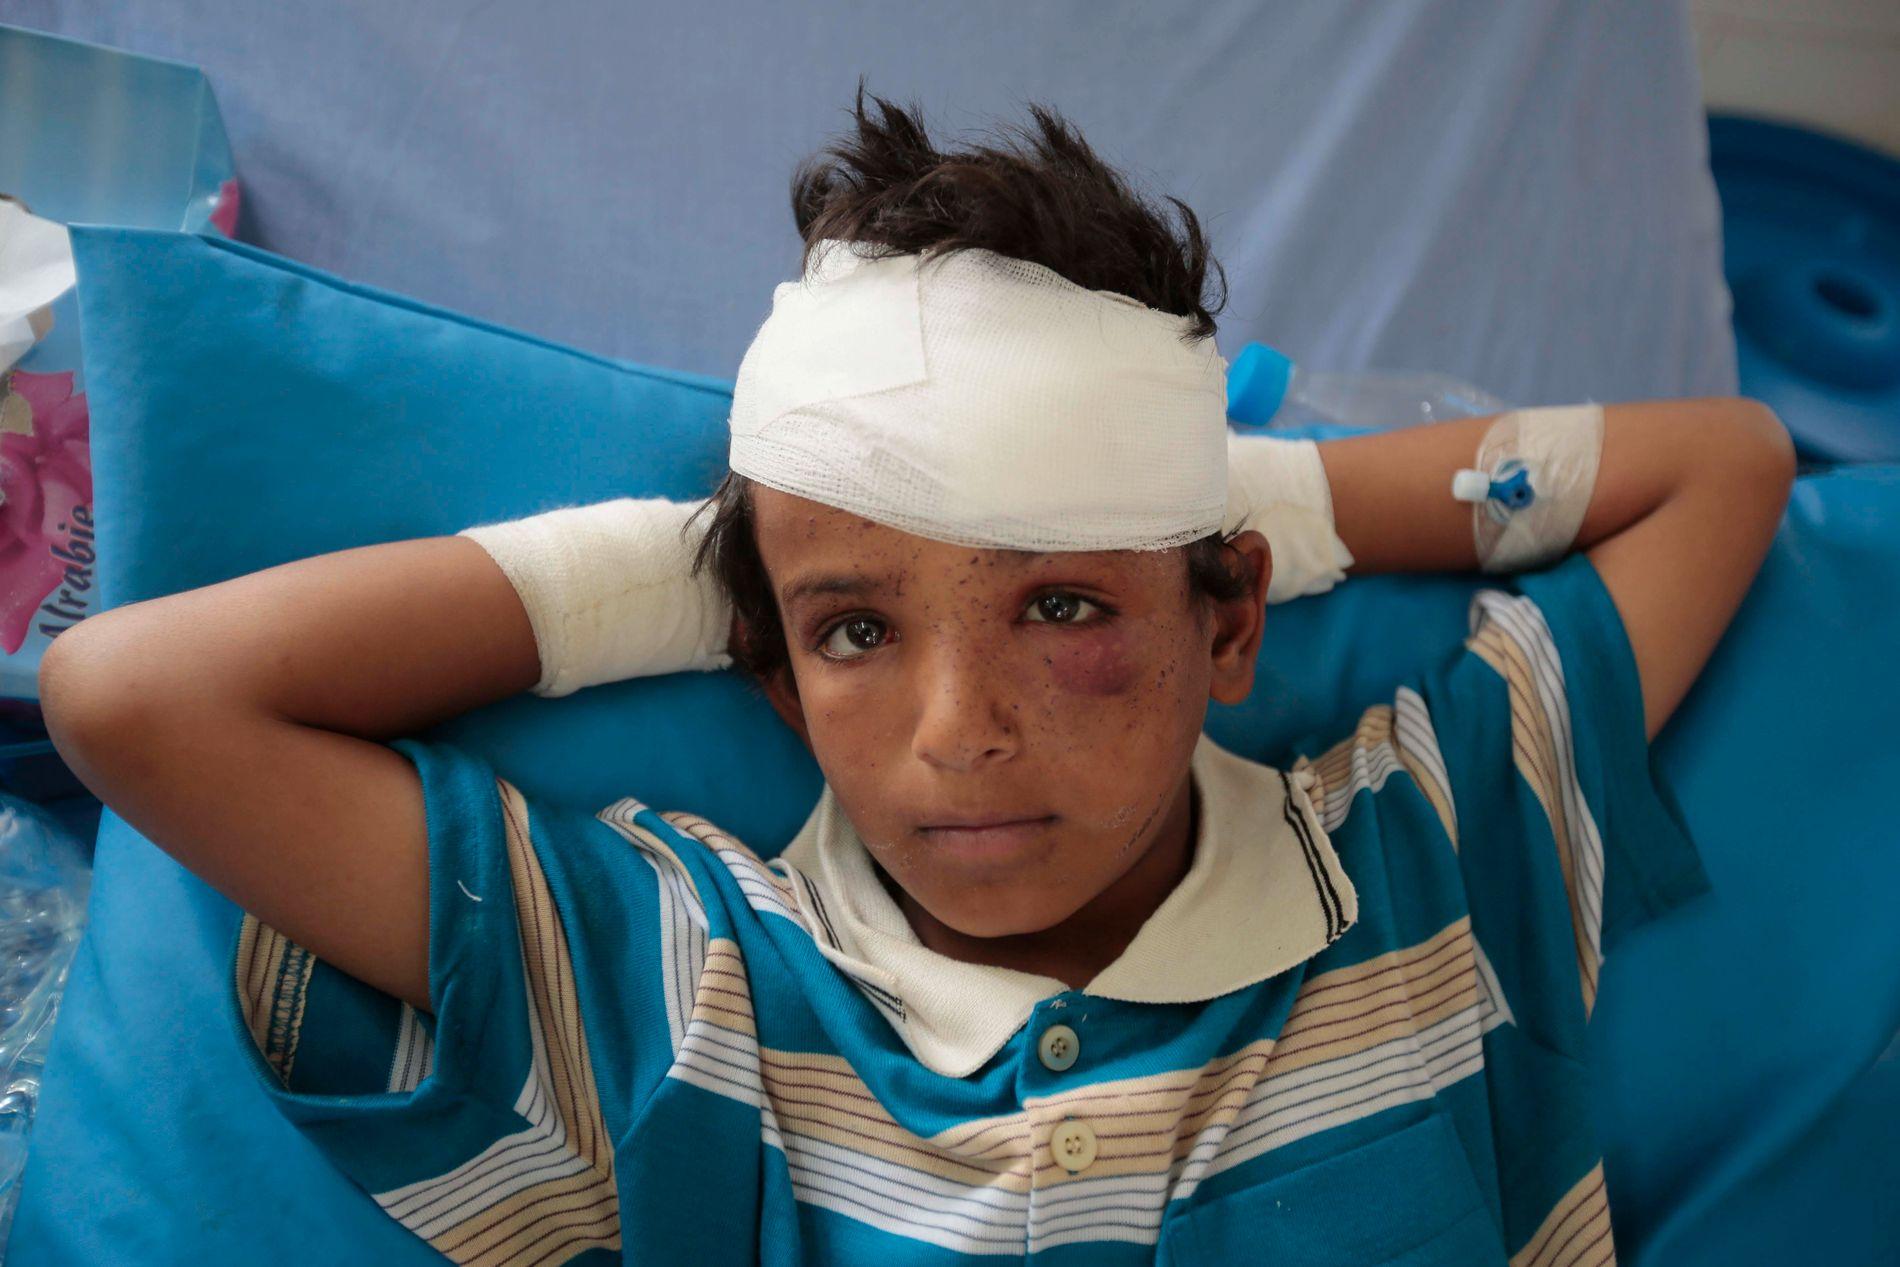 USKULDIG: Titusenvis av sivile, som denne guten på eit sjukehus i Saada, har blitt offer for bomber frå flya til den Saudi-leia koalisjonen sidan krigen i Jemen byrja i 2015.